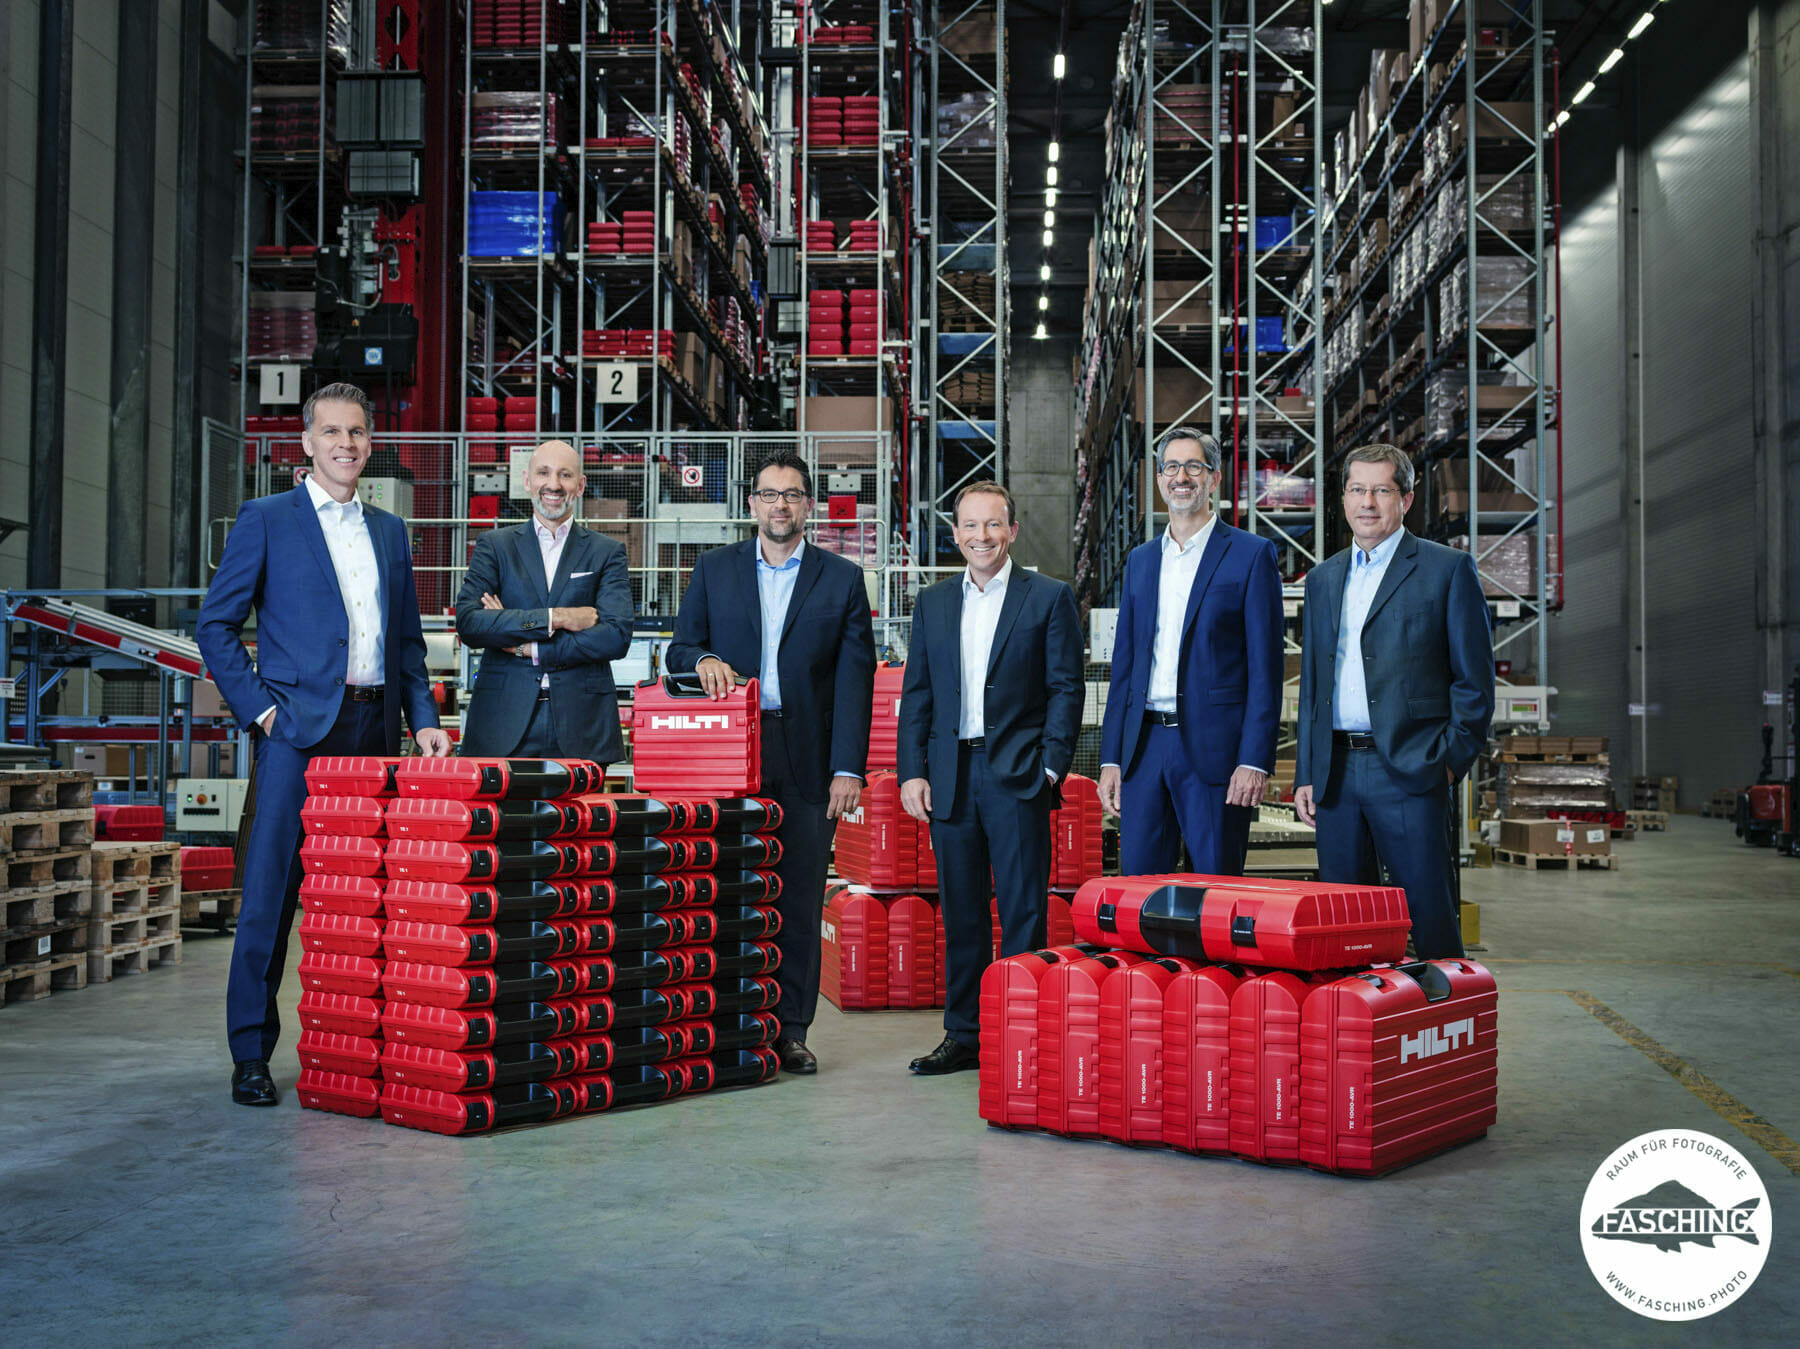 Unternehmensfotograf Reinhard Fasching schoss diese Businessportraits für den Geschäftsbericht der Hilti AG